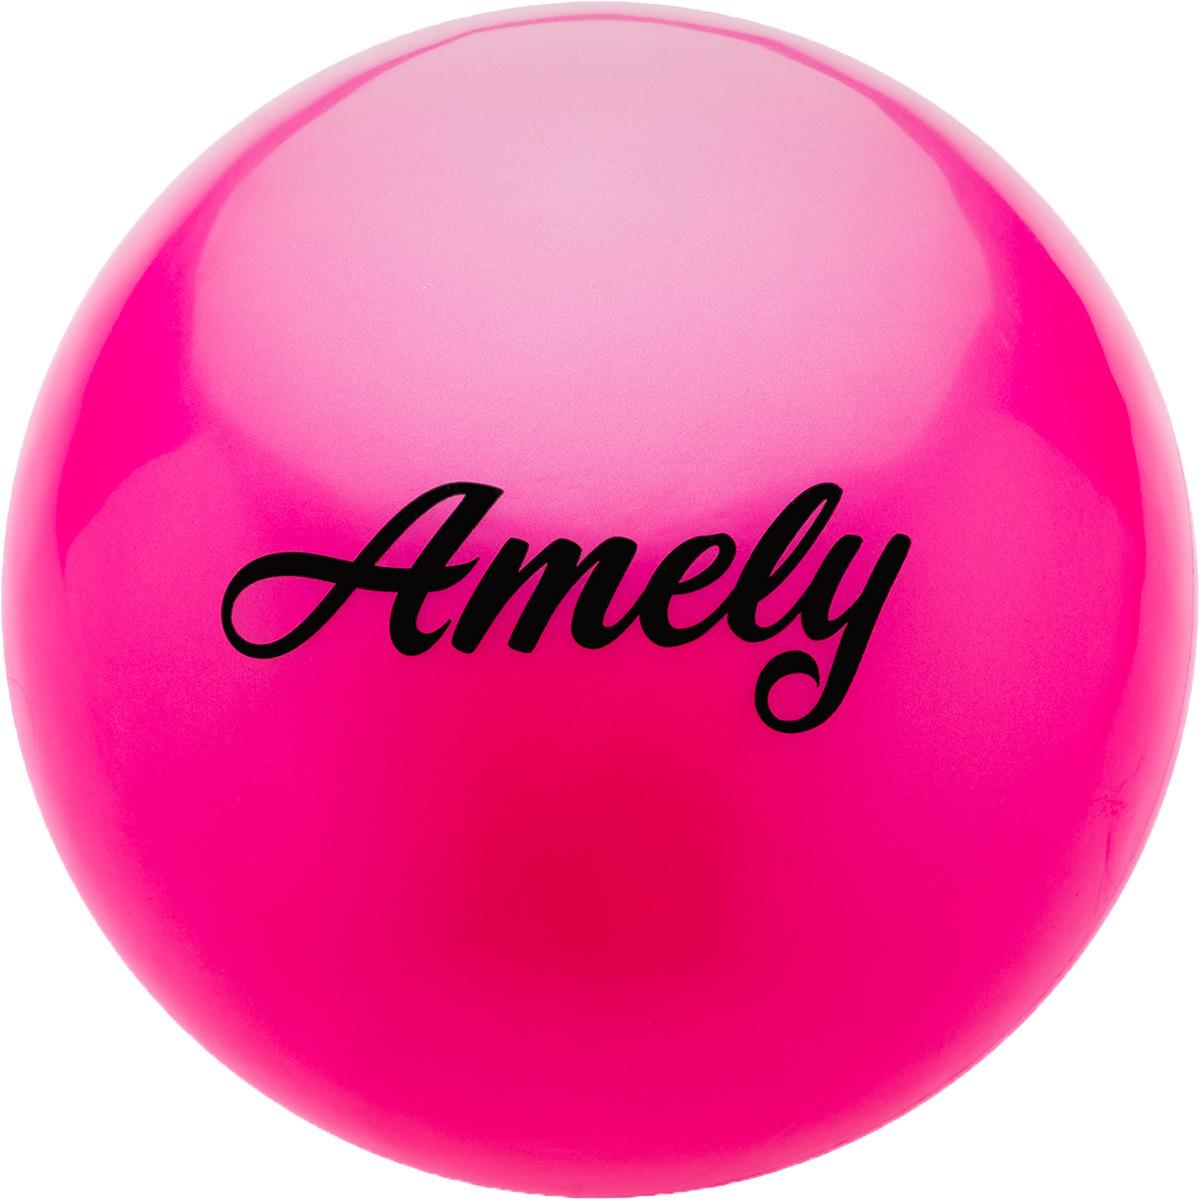 Мяч для художественной гимнастики Amely AGR-101, диаметр 19 см, цвет: розовый лента для художественной гимнастики amely agr 201 длина 6 м с палочкой 56 см цвет фиолетовый